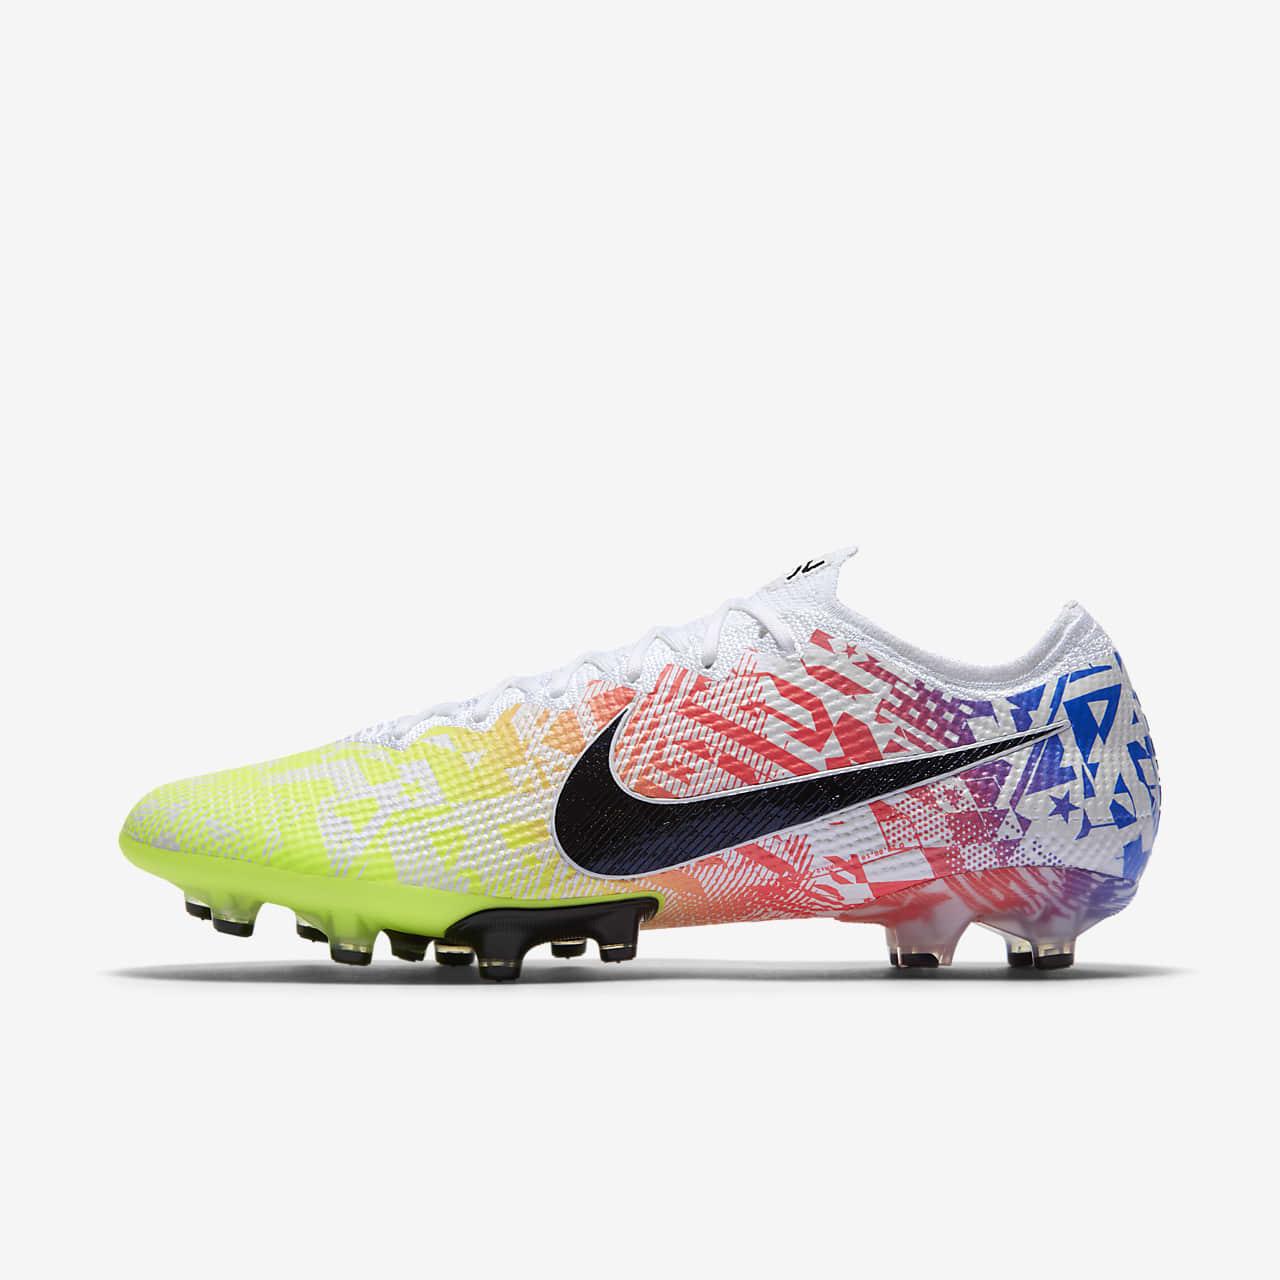 Chaussure de football à crampons pour terrain synthétique Nike Mercurial Vapor 13 Elite Neymar Jr. AG-PRO